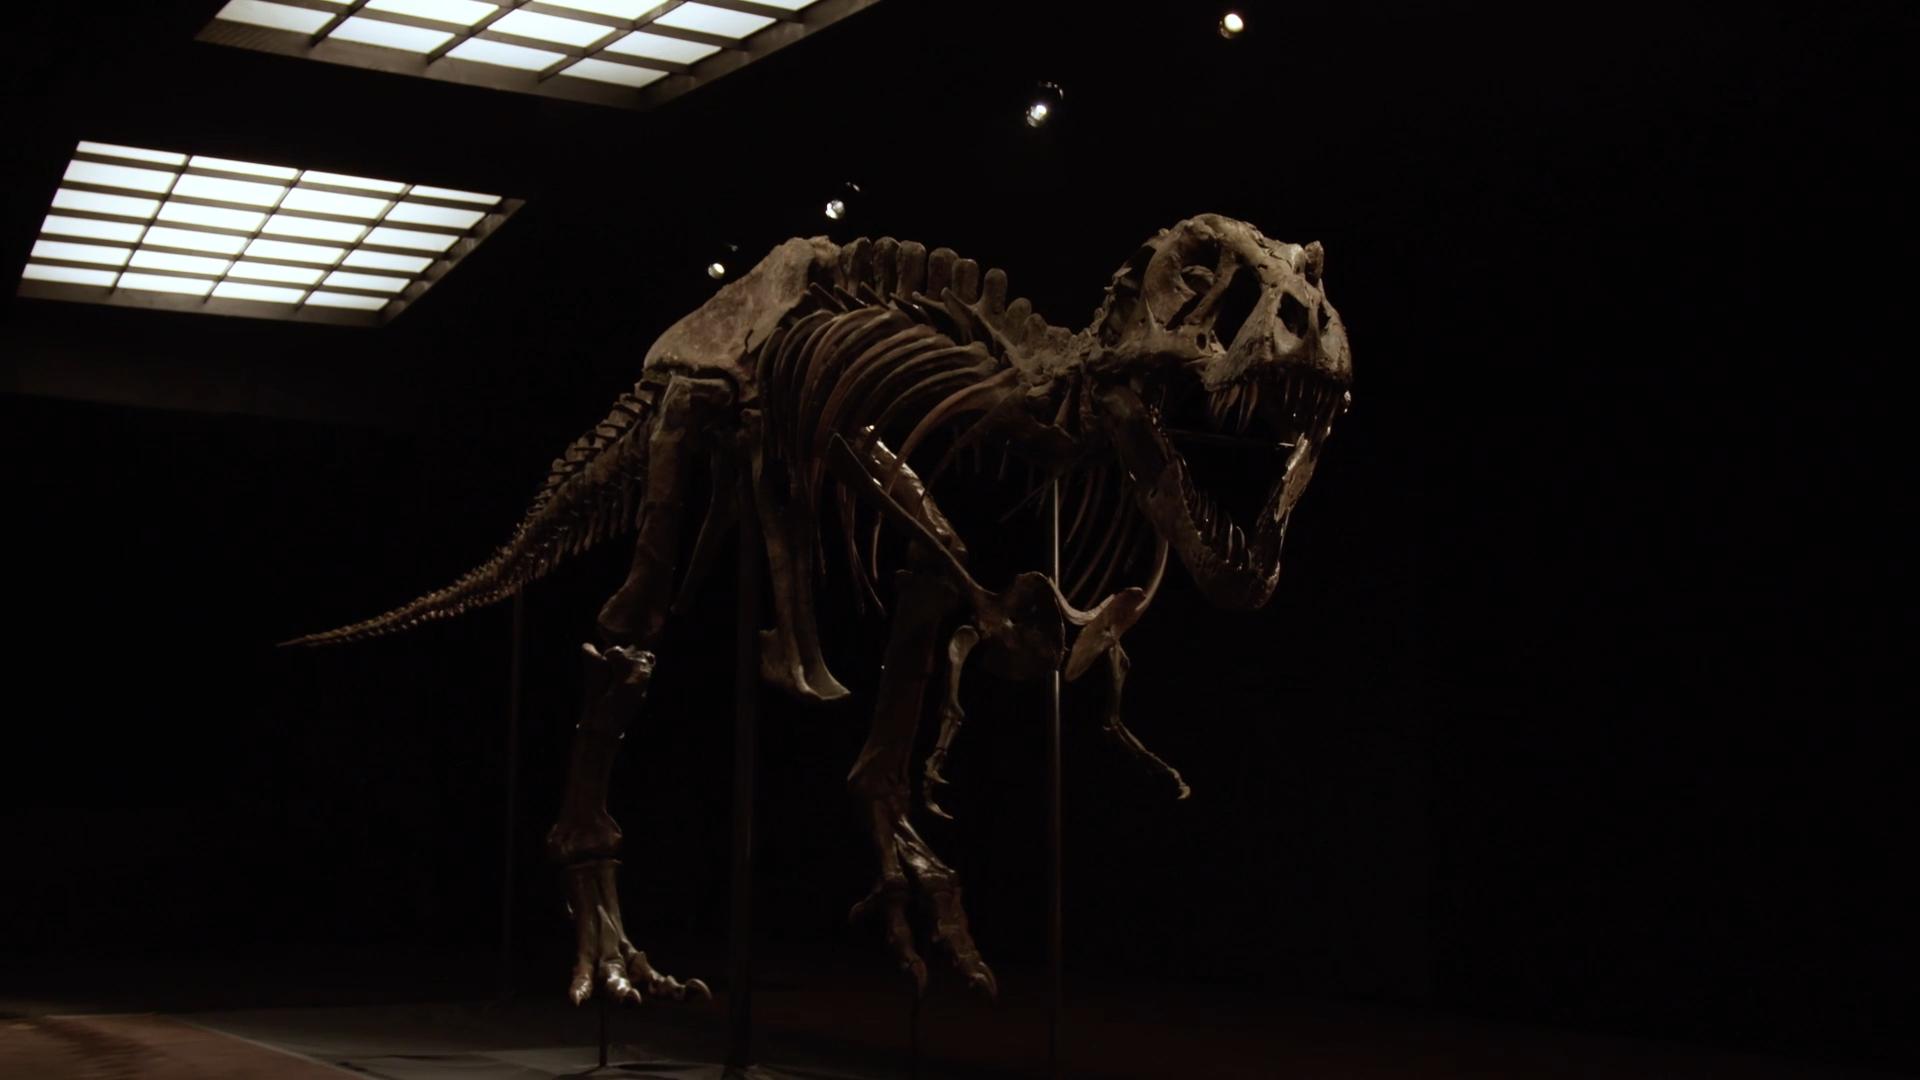 На аукционе за рекордную сумму продали скелет тираннозавра